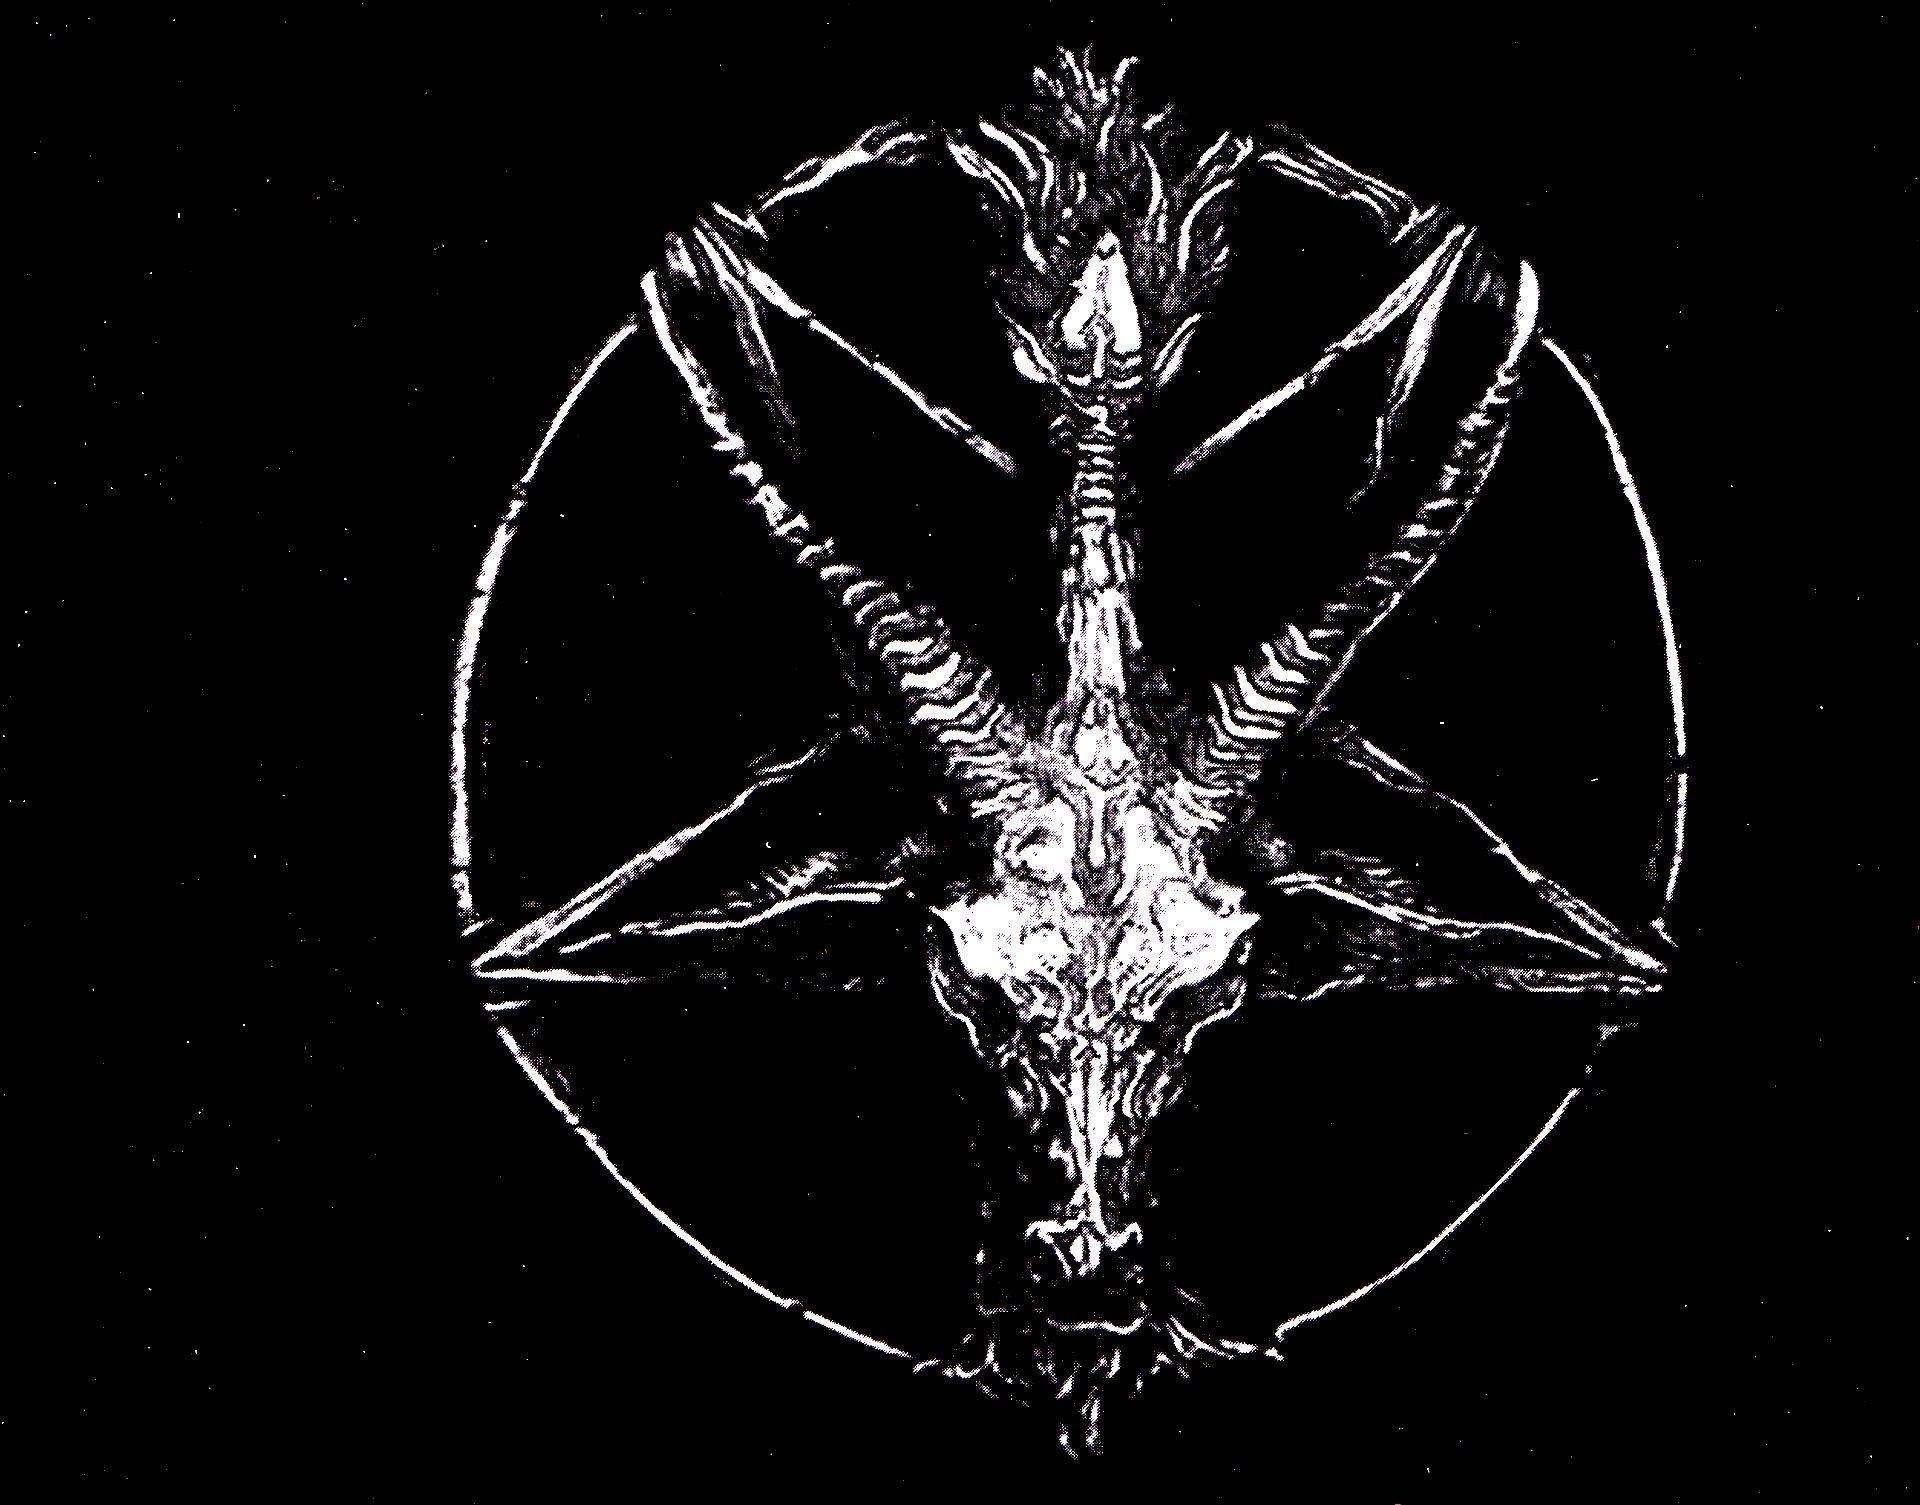 48 Satan Wallpaper On Wallpapersafari